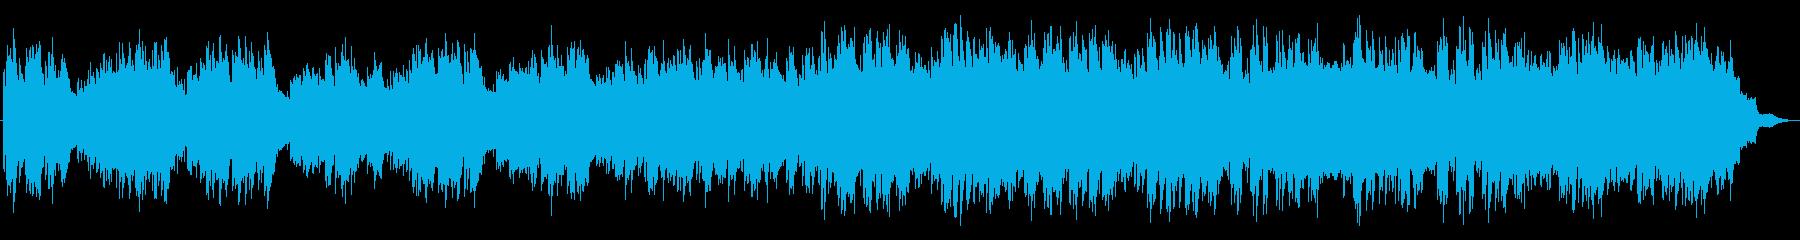 切ないピアノのメロディの映画音楽風の曲の再生済みの波形